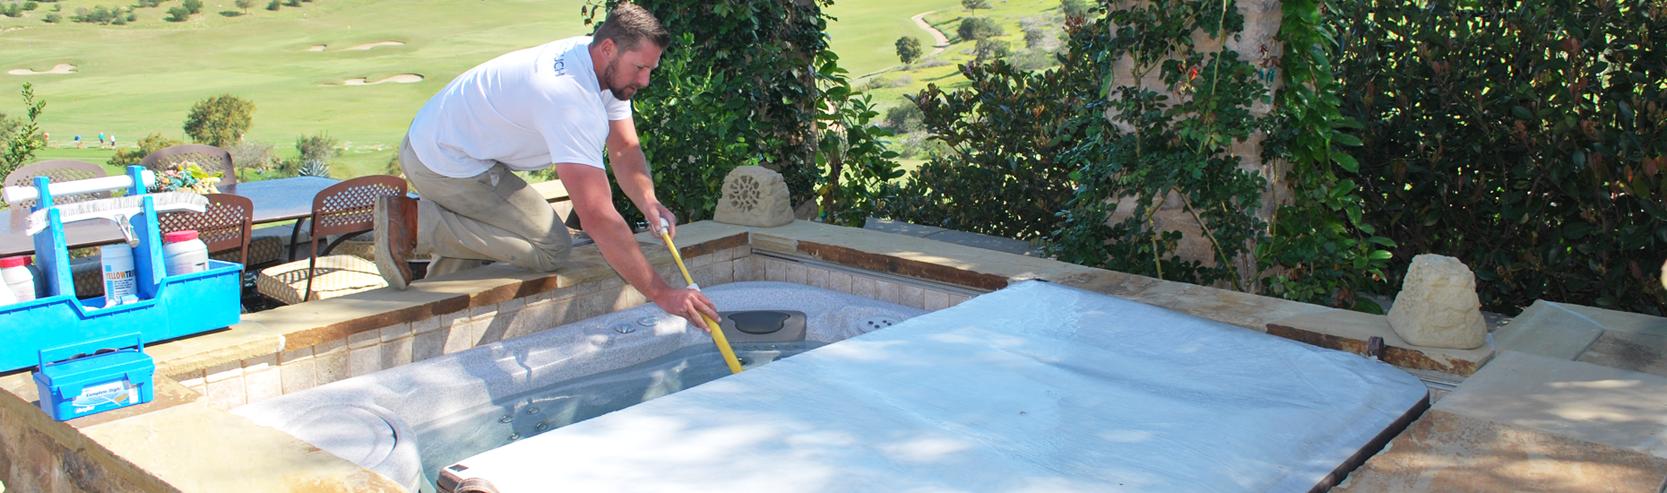 hot-tub-maintenance